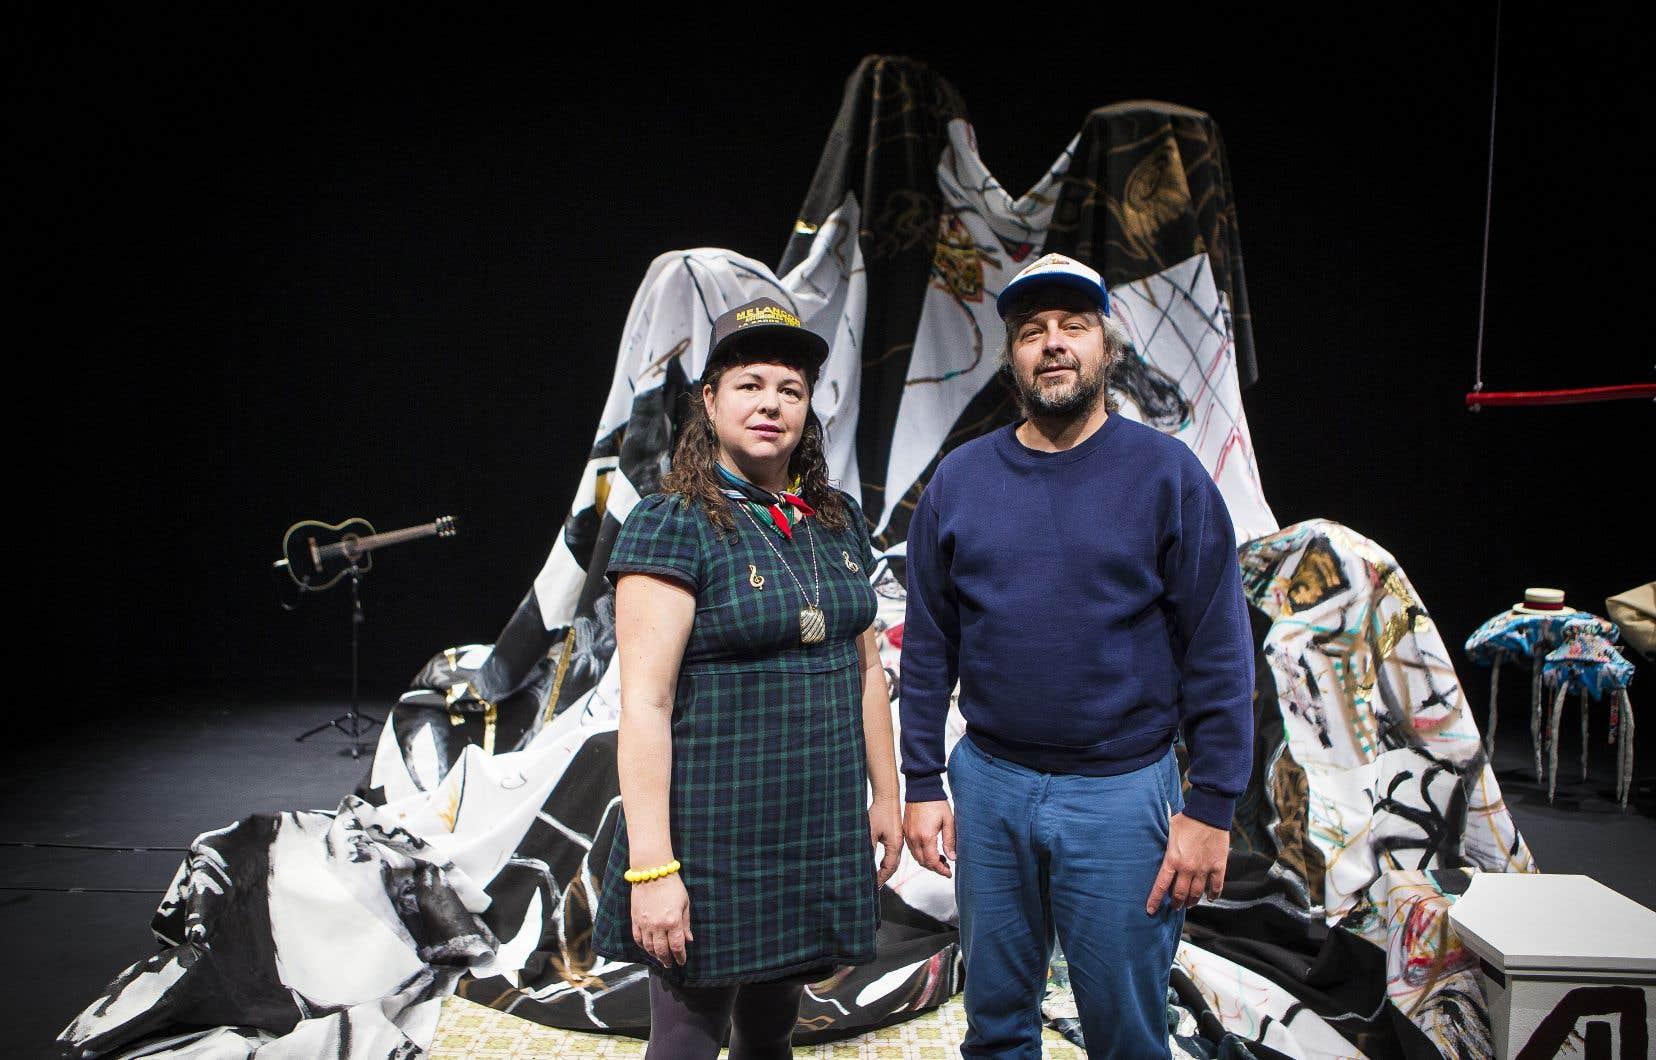 Le duo Geneviève et Matthieu, originaire de Rouyn-Noranda, ne s'est jamais contenté de la région. En plus d'y avoir établi une réputation solide, le collectif a exposé ses œuvres à travers le Canada et même en Europe. Les deux artistes voient le voyage comme une inspiration pour créer leur art.